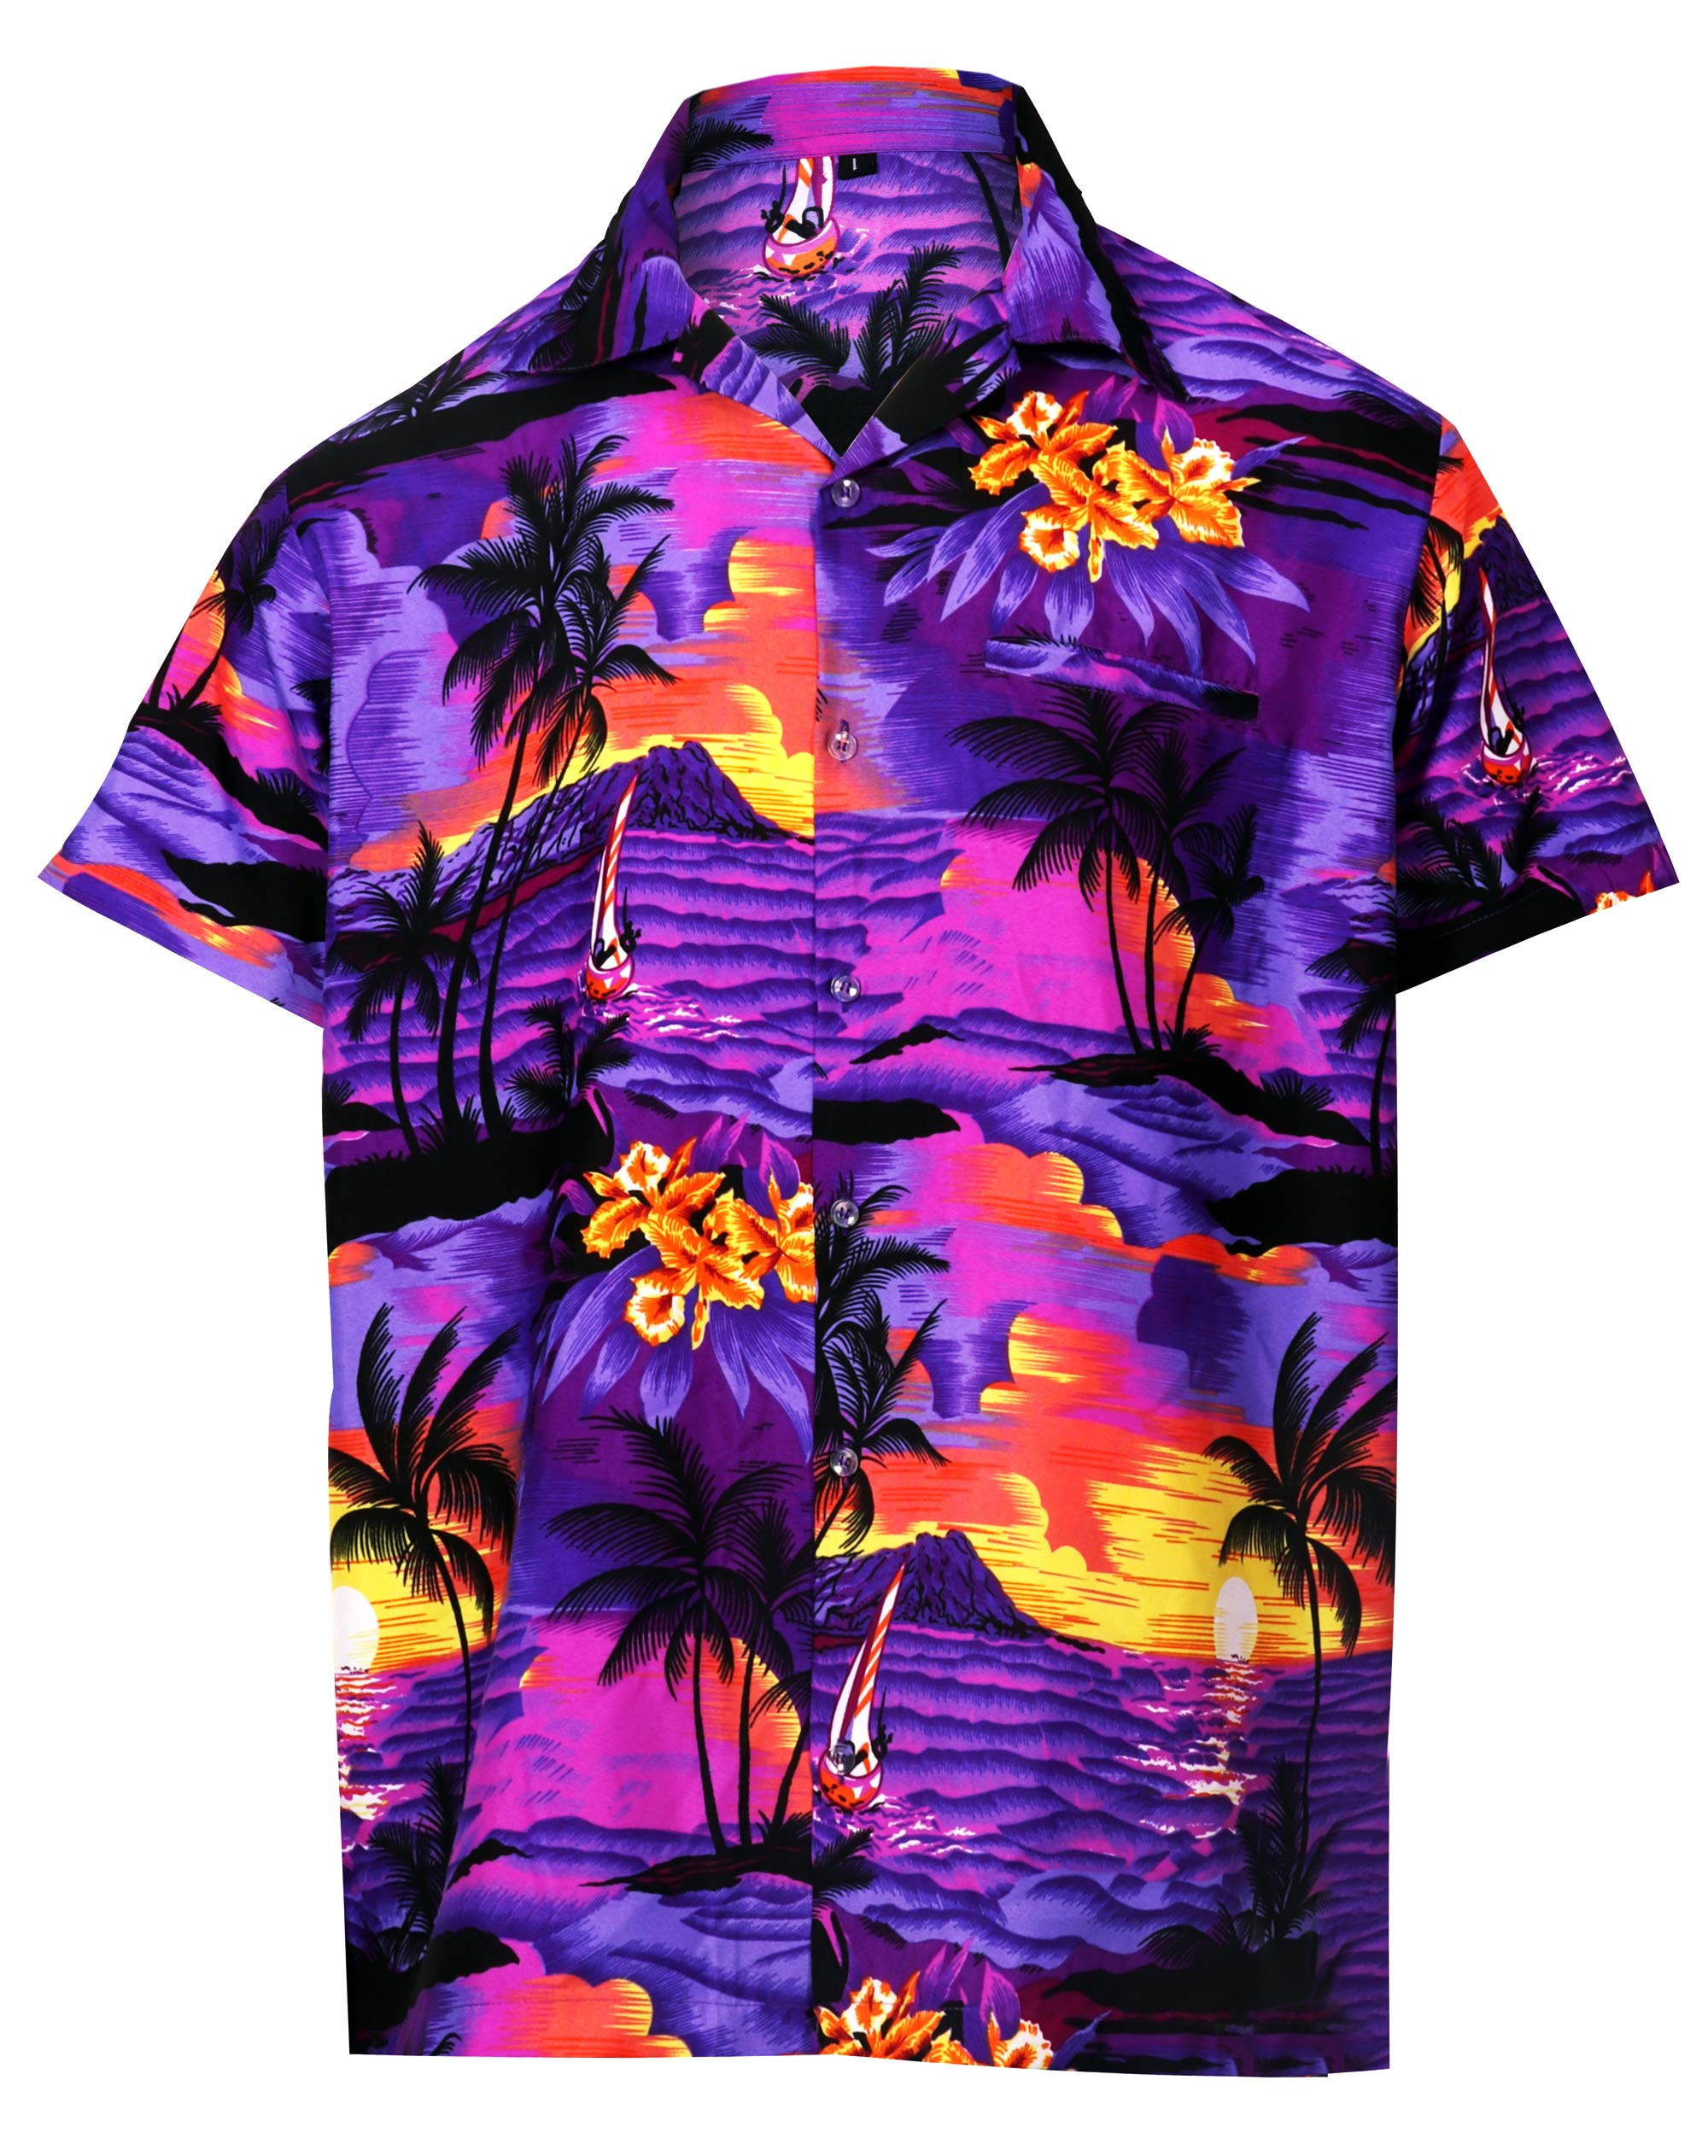 Virgin Crafts Men's Button Down Hawaiian Short Sleeve Small Palm Print Summer T-Shirt